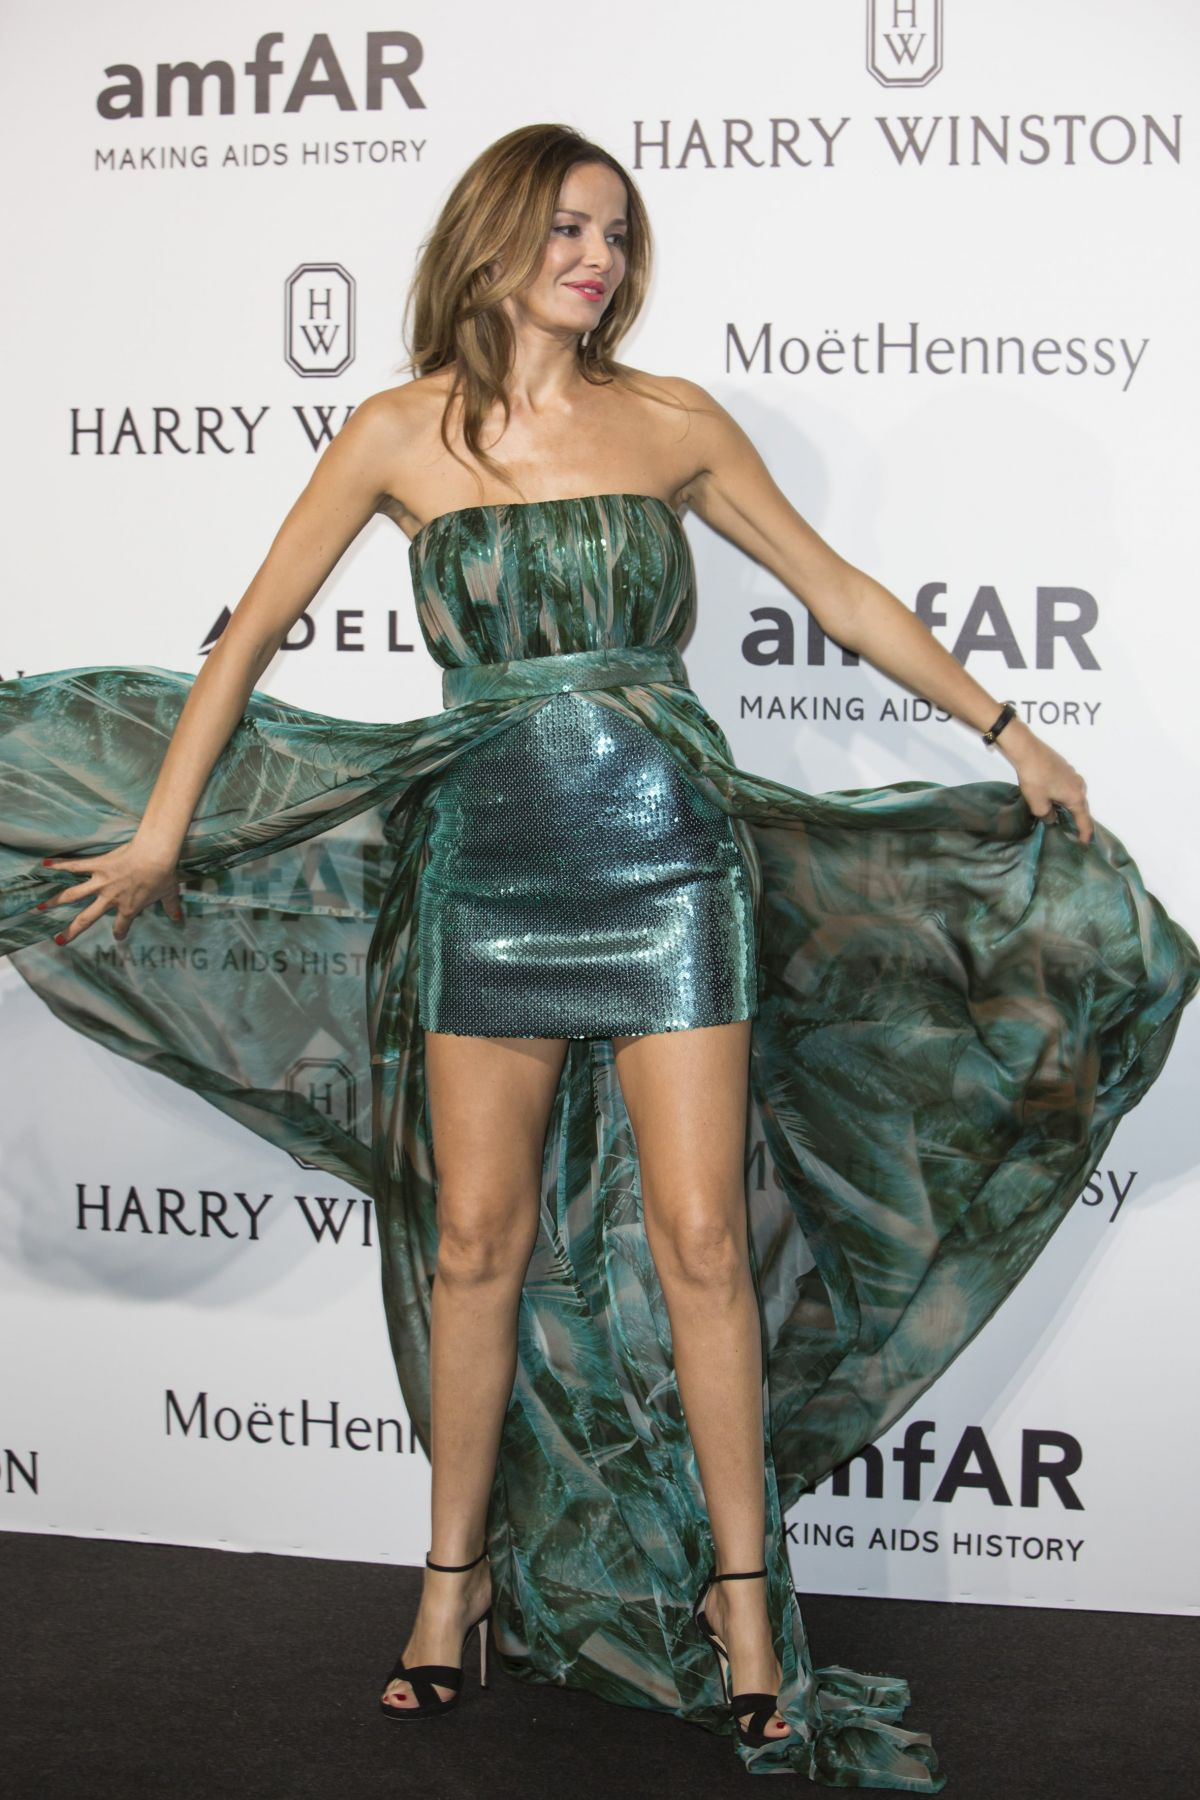 CAROLINA PARSONS at amfAR Gala in Milan 09/26/2015